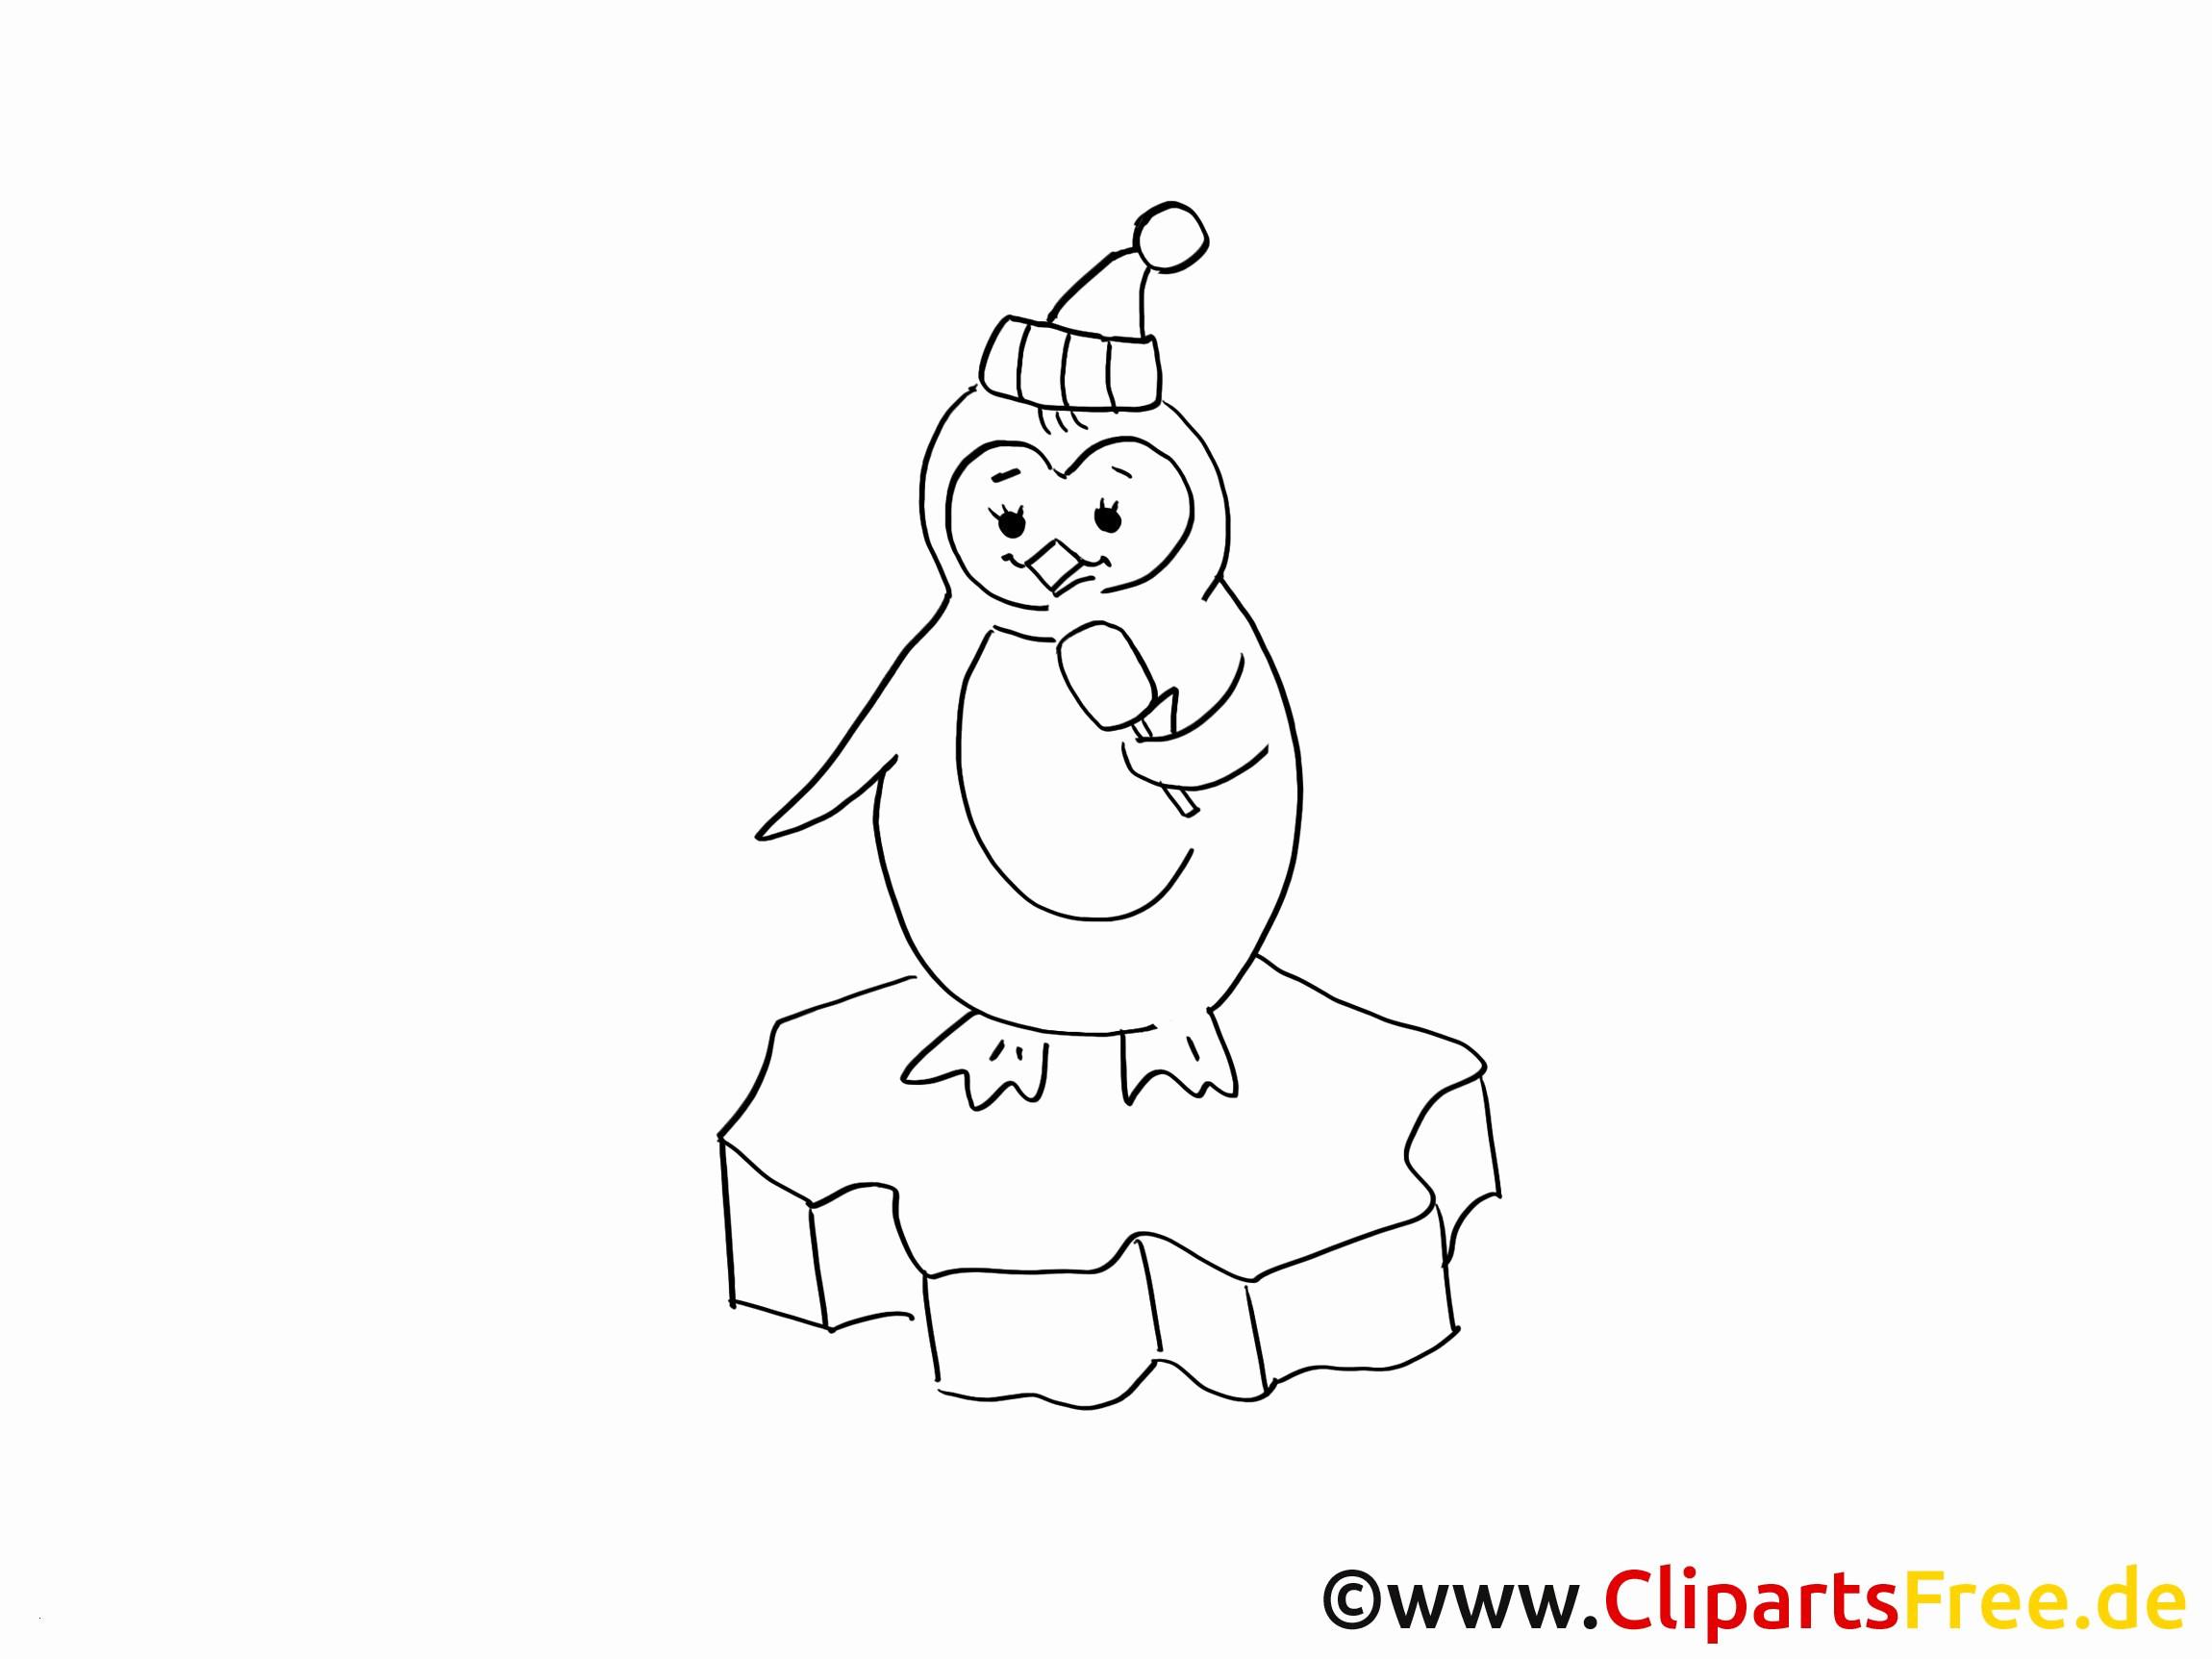 Malvorlagen Weihnachten Schneemann Genial Emoji Bilder Zum Ausdrucken Typen Ausmalbilder Weihnachten Bild